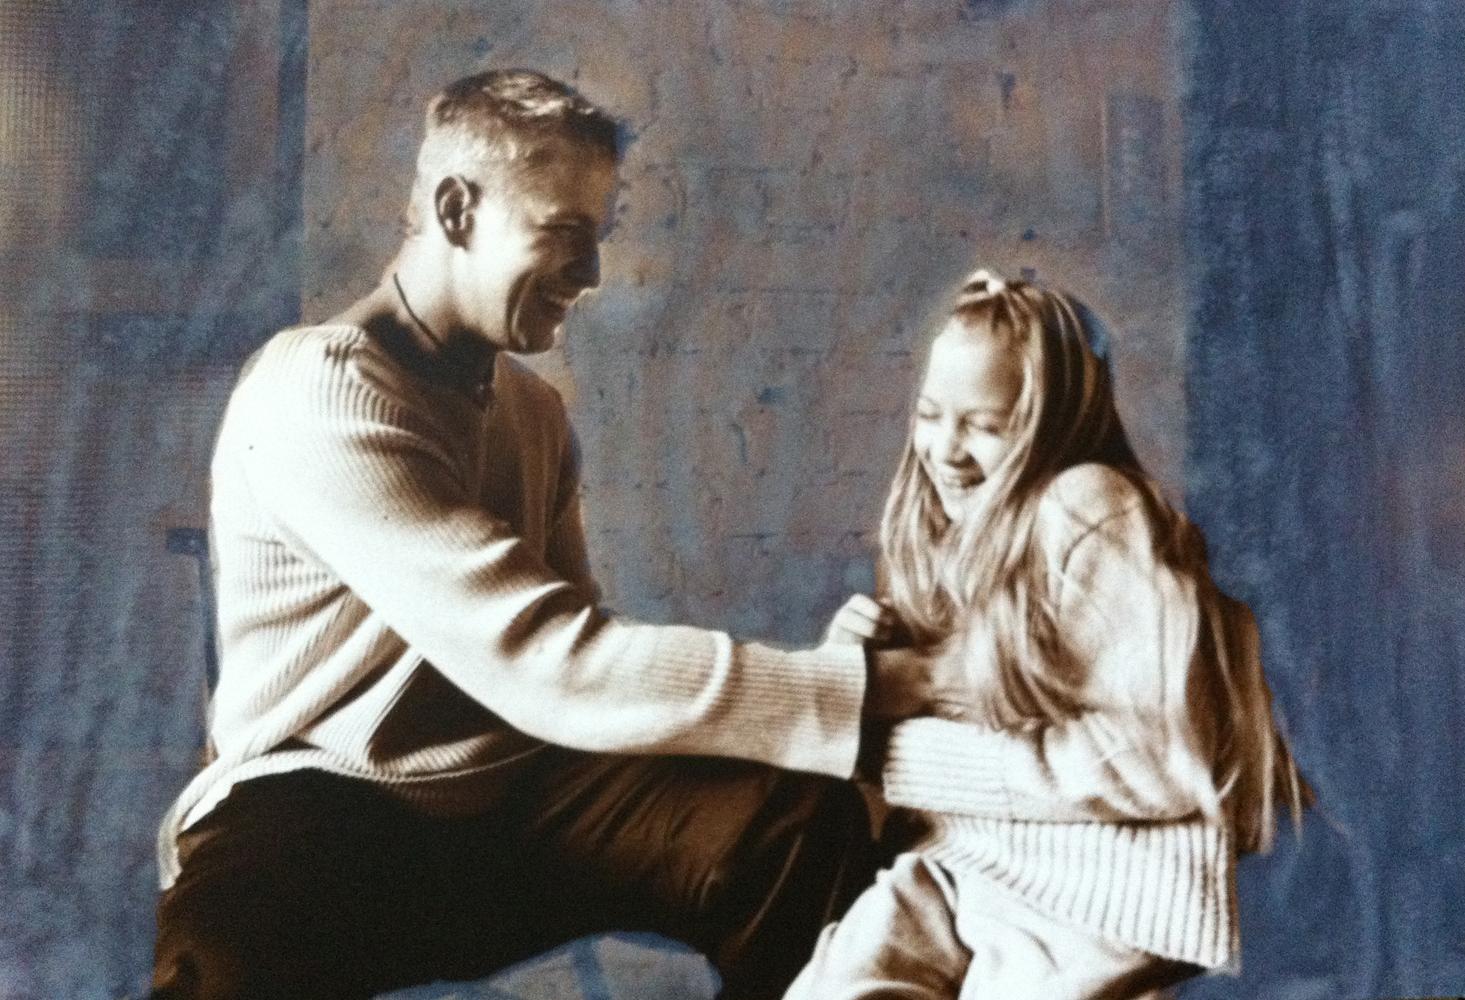 Hersyävää hellyyttä, Isä ja Tytär, Anu Miettinen, 2003.